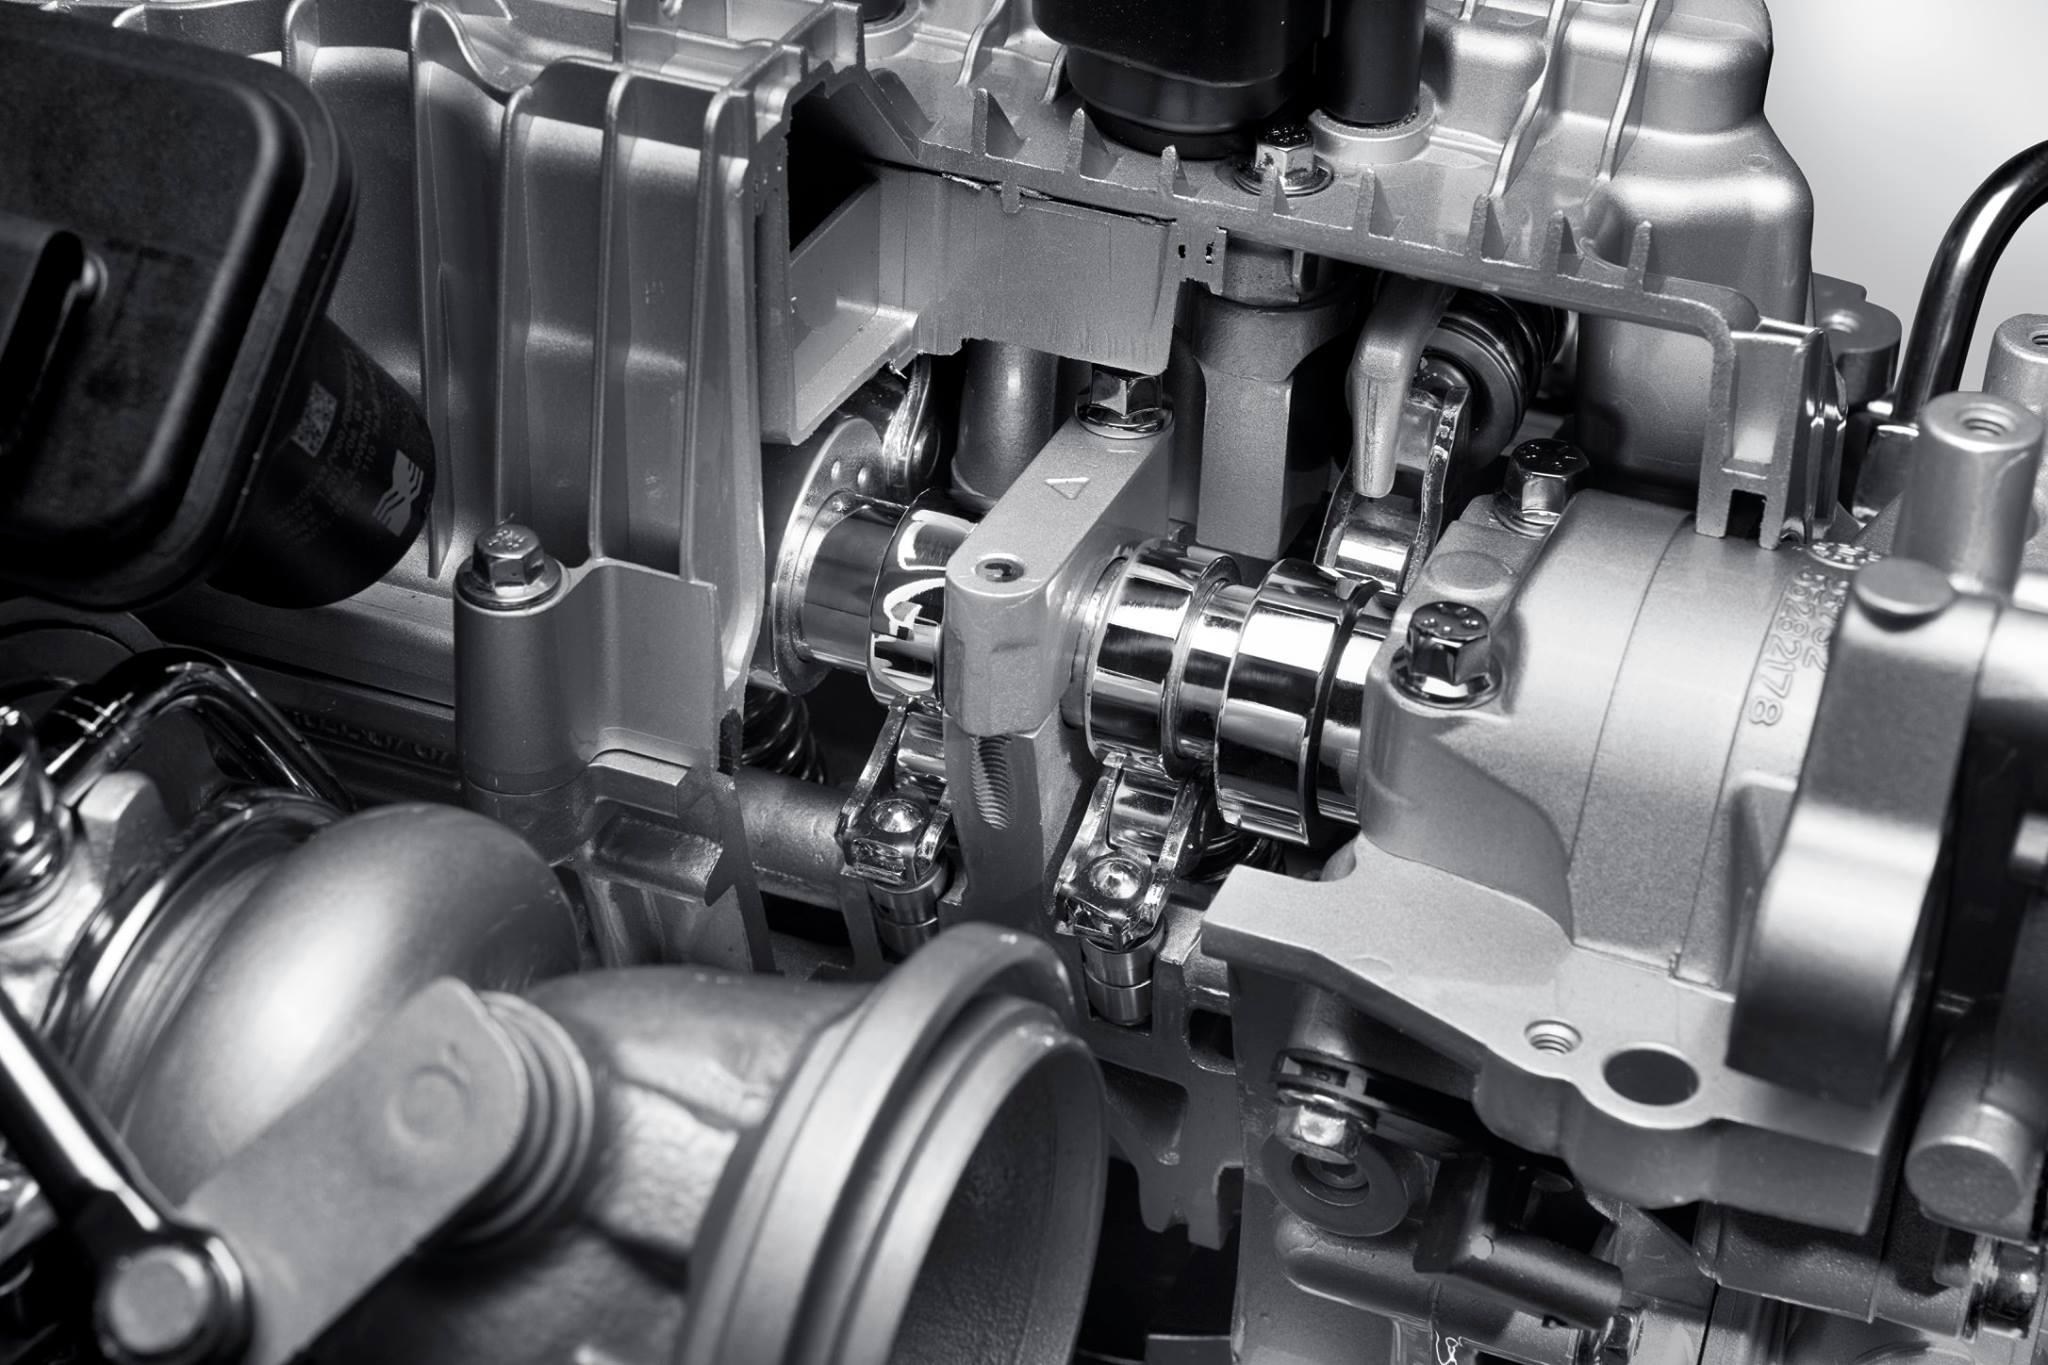 Motor-GSE-T3-1.0-Turbo COMANDO DE VÁLVULAS MULTIAIR